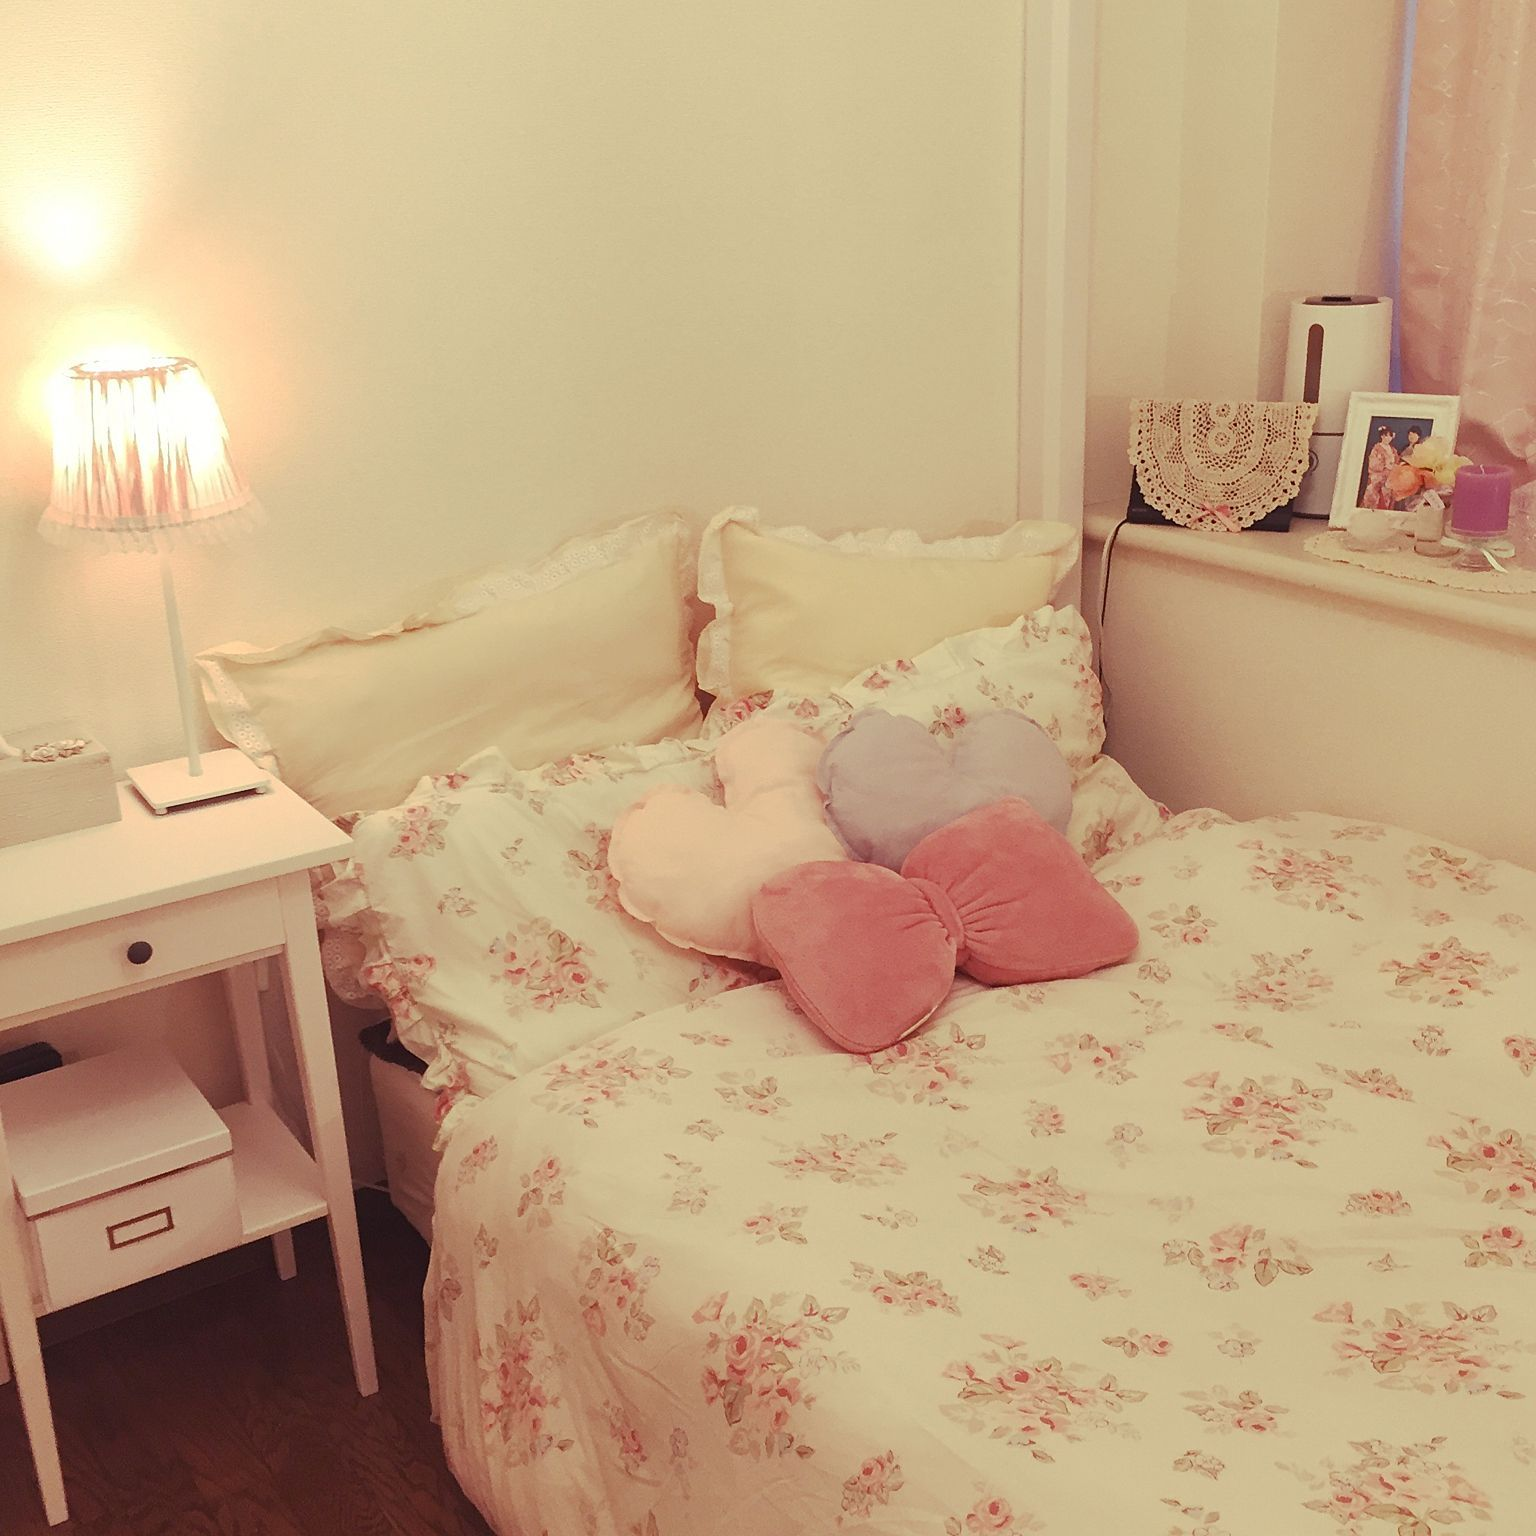 ベッド周り クッション ベットカバー Ikea 姫部屋 などのインテリア実例 2016 03 22 22 25 36 Roomclip ルームクリップ 部屋のインスピレーション 寝室のインスピレーション パステルルーム